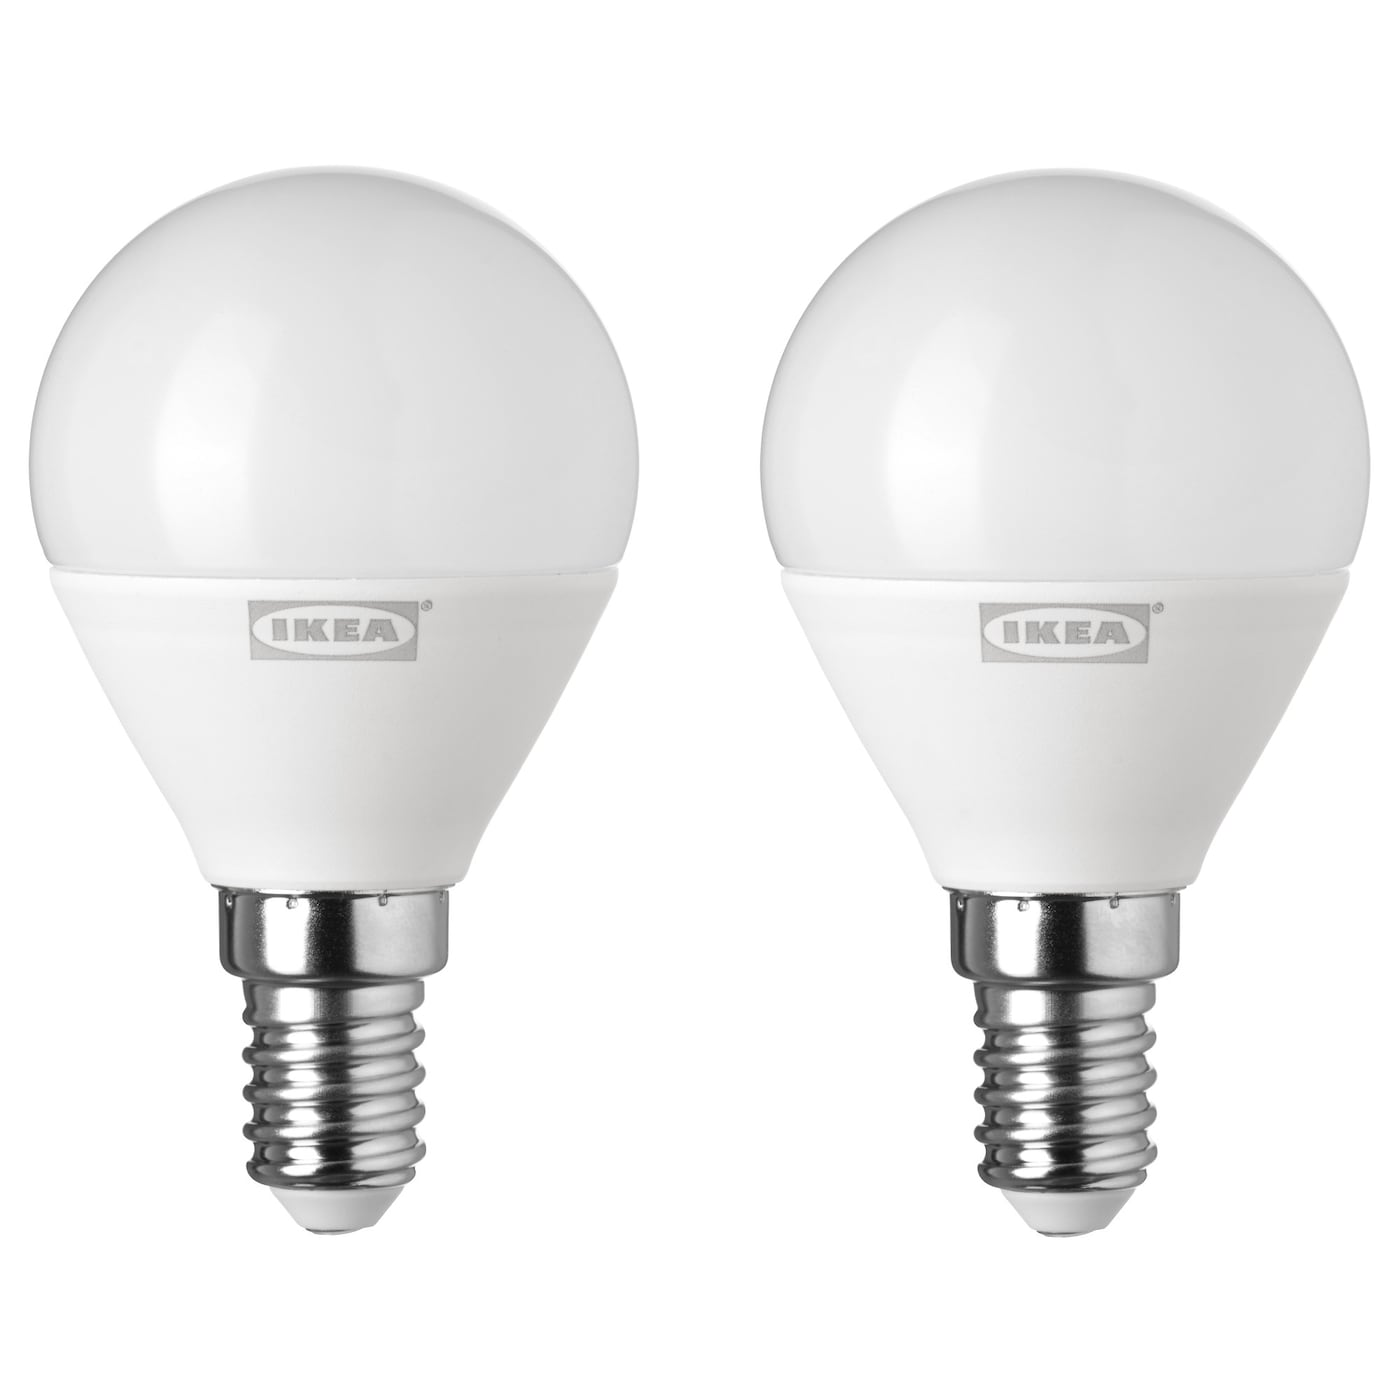 Lighting & Lamps - LED Lighting & Lamps